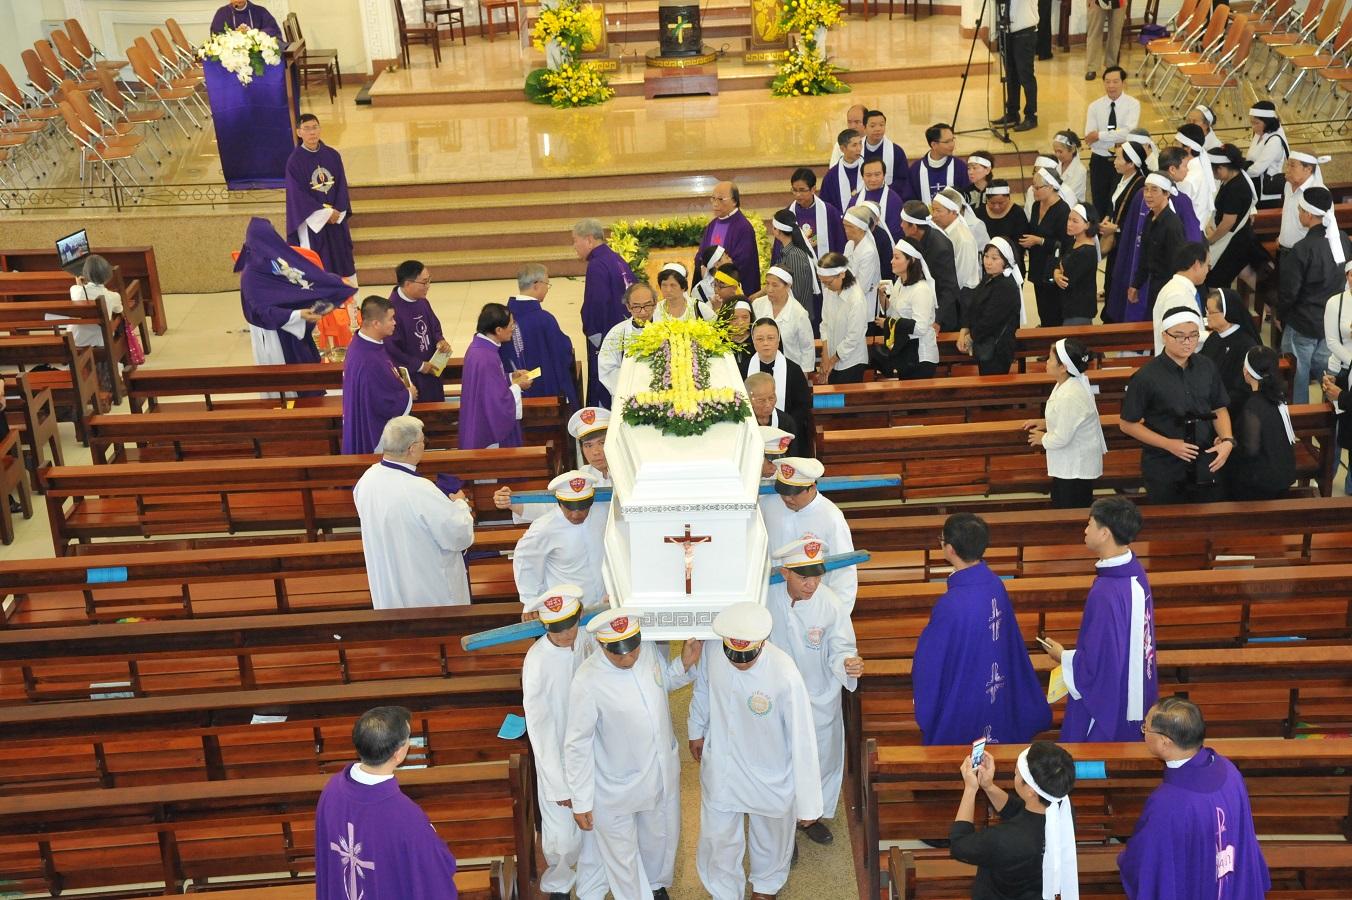 Thánh Lễ An Táng Đức Ông Phanxico Borgia Trần Văn Khả :Chiếc Thiệp Tang Thay Cho Chiếc Thiệp Mừng - Ảnh minh hoạ 14